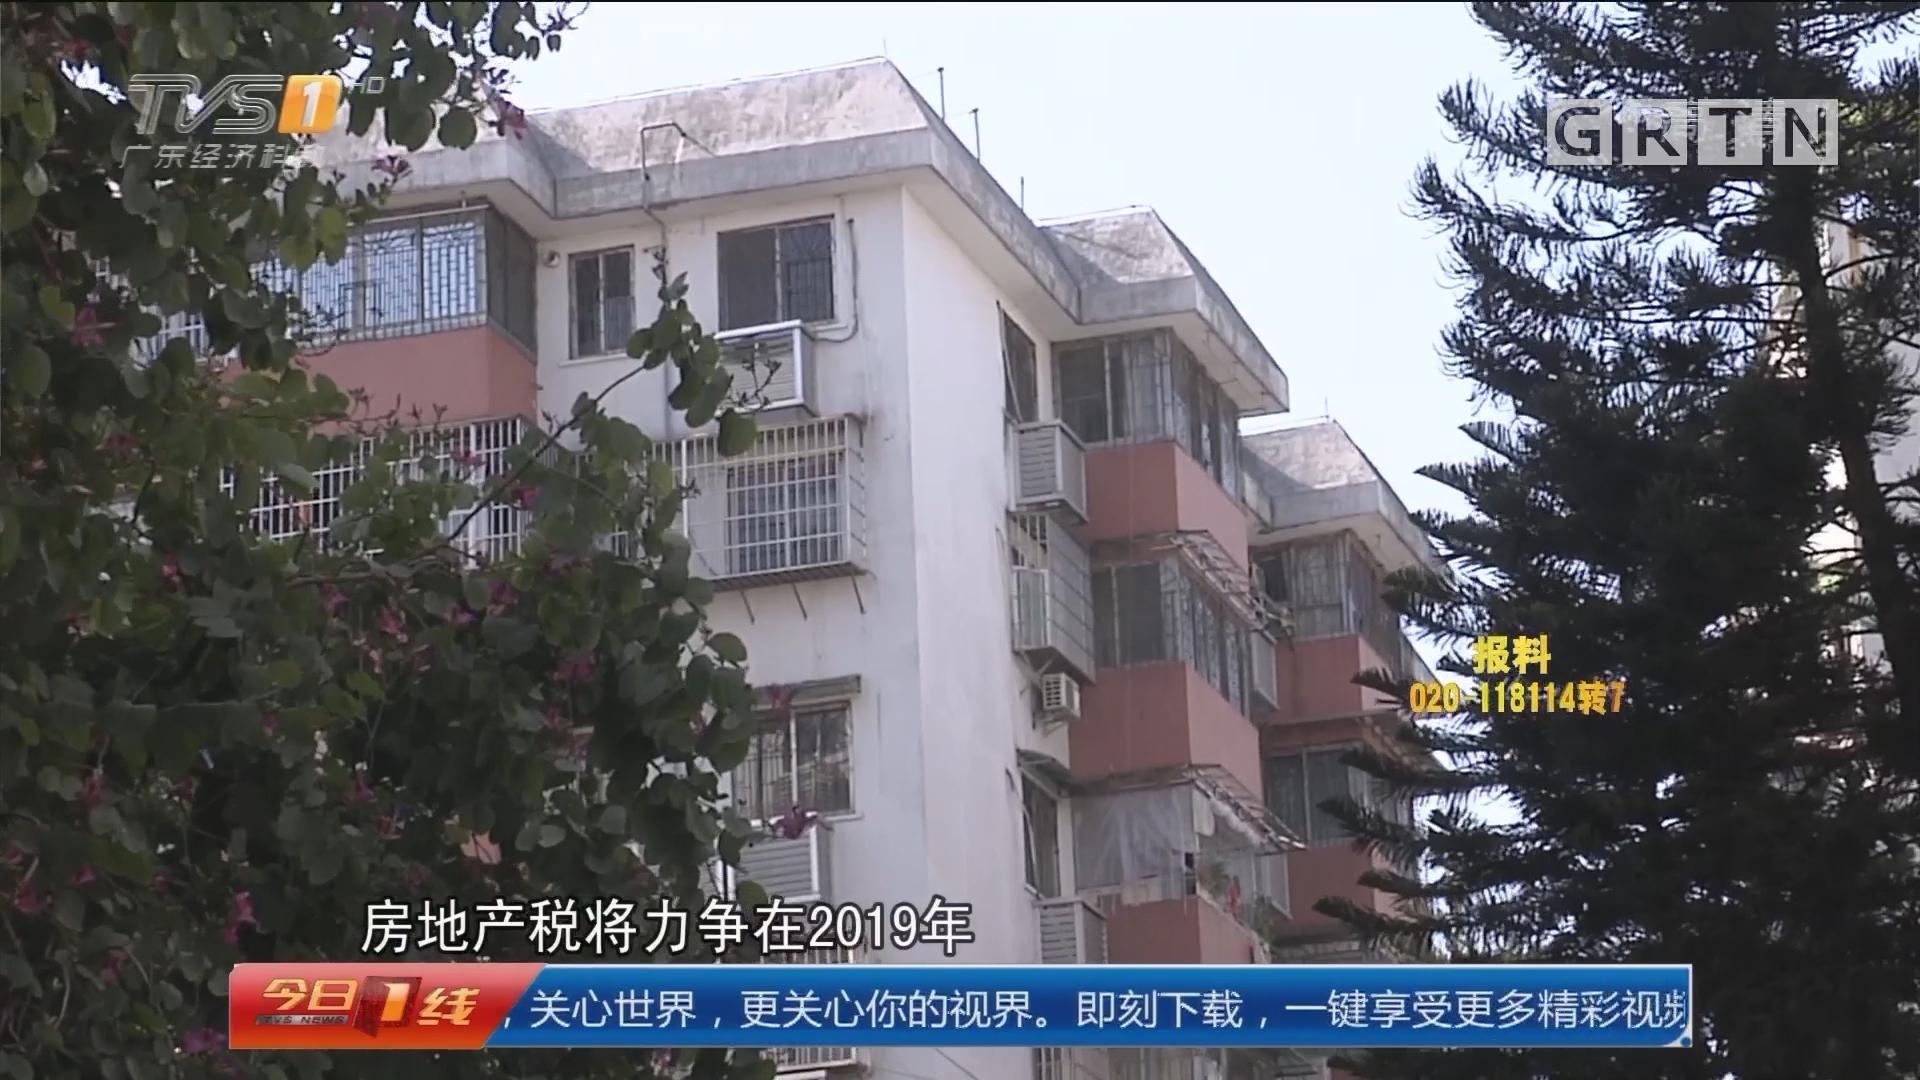 财政部长发文谈房地产税:个人住房将按评估值征房地产税